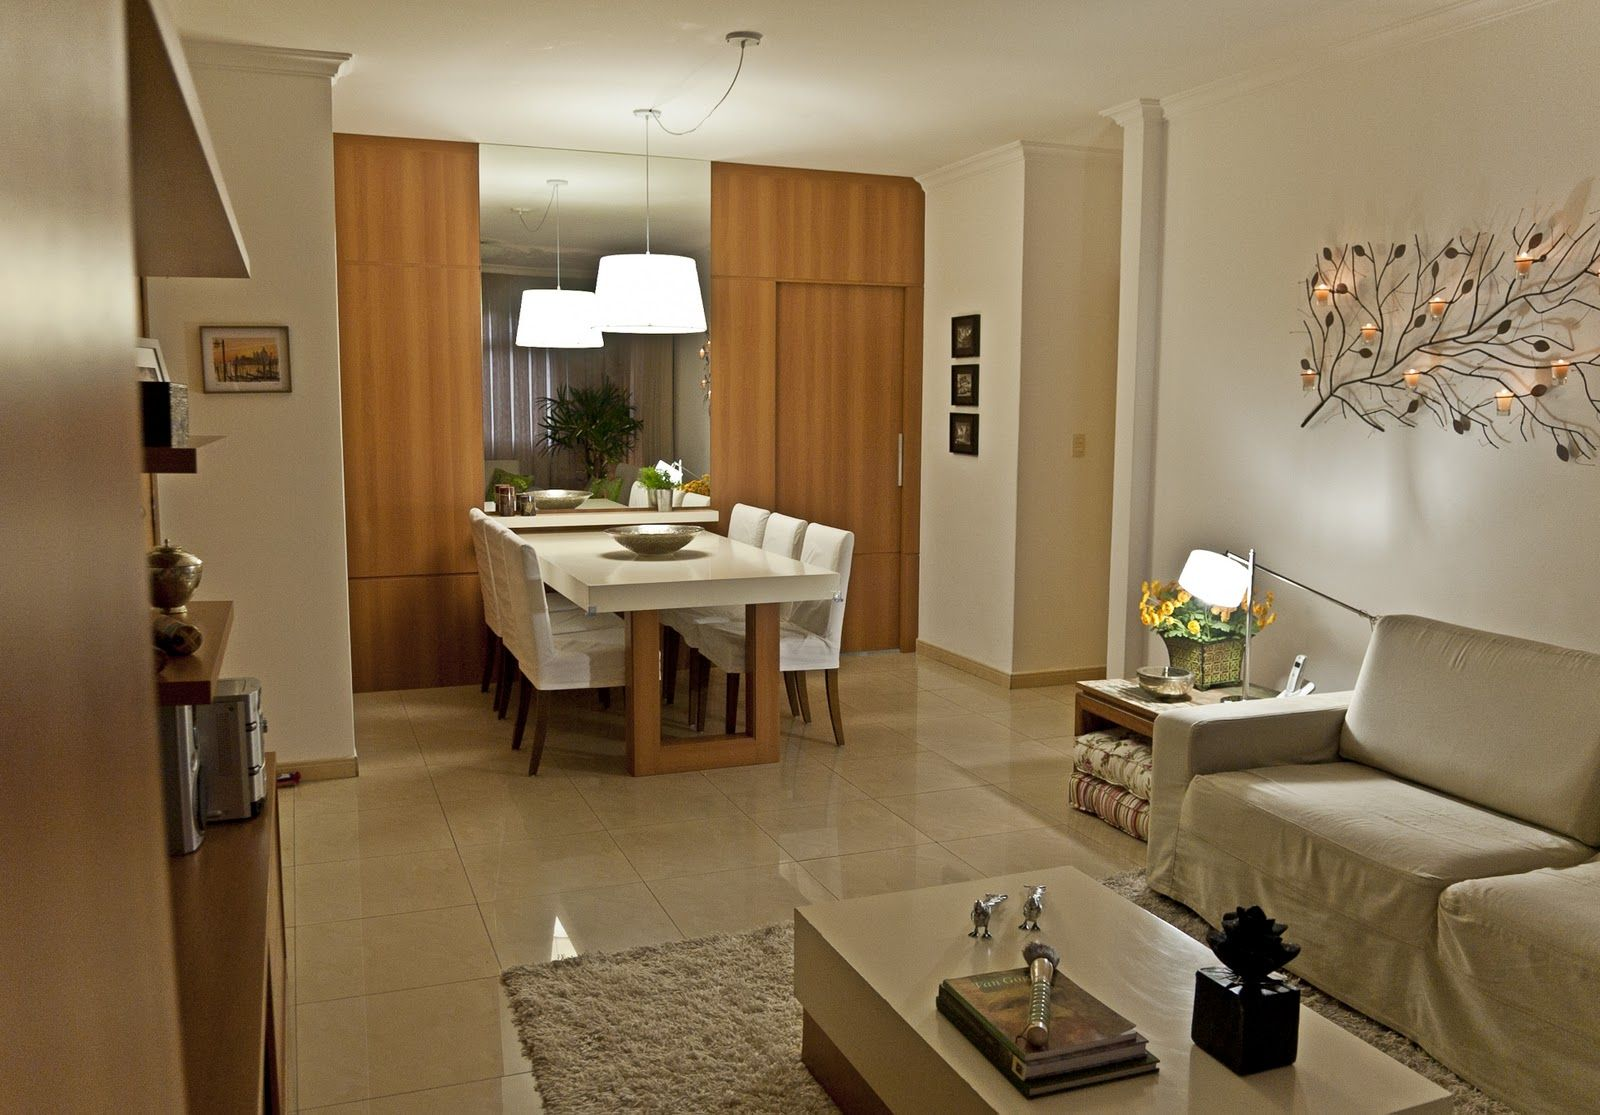 salas jantar pequenas decoradas - Pesquisa Google   mãe   Pinterest